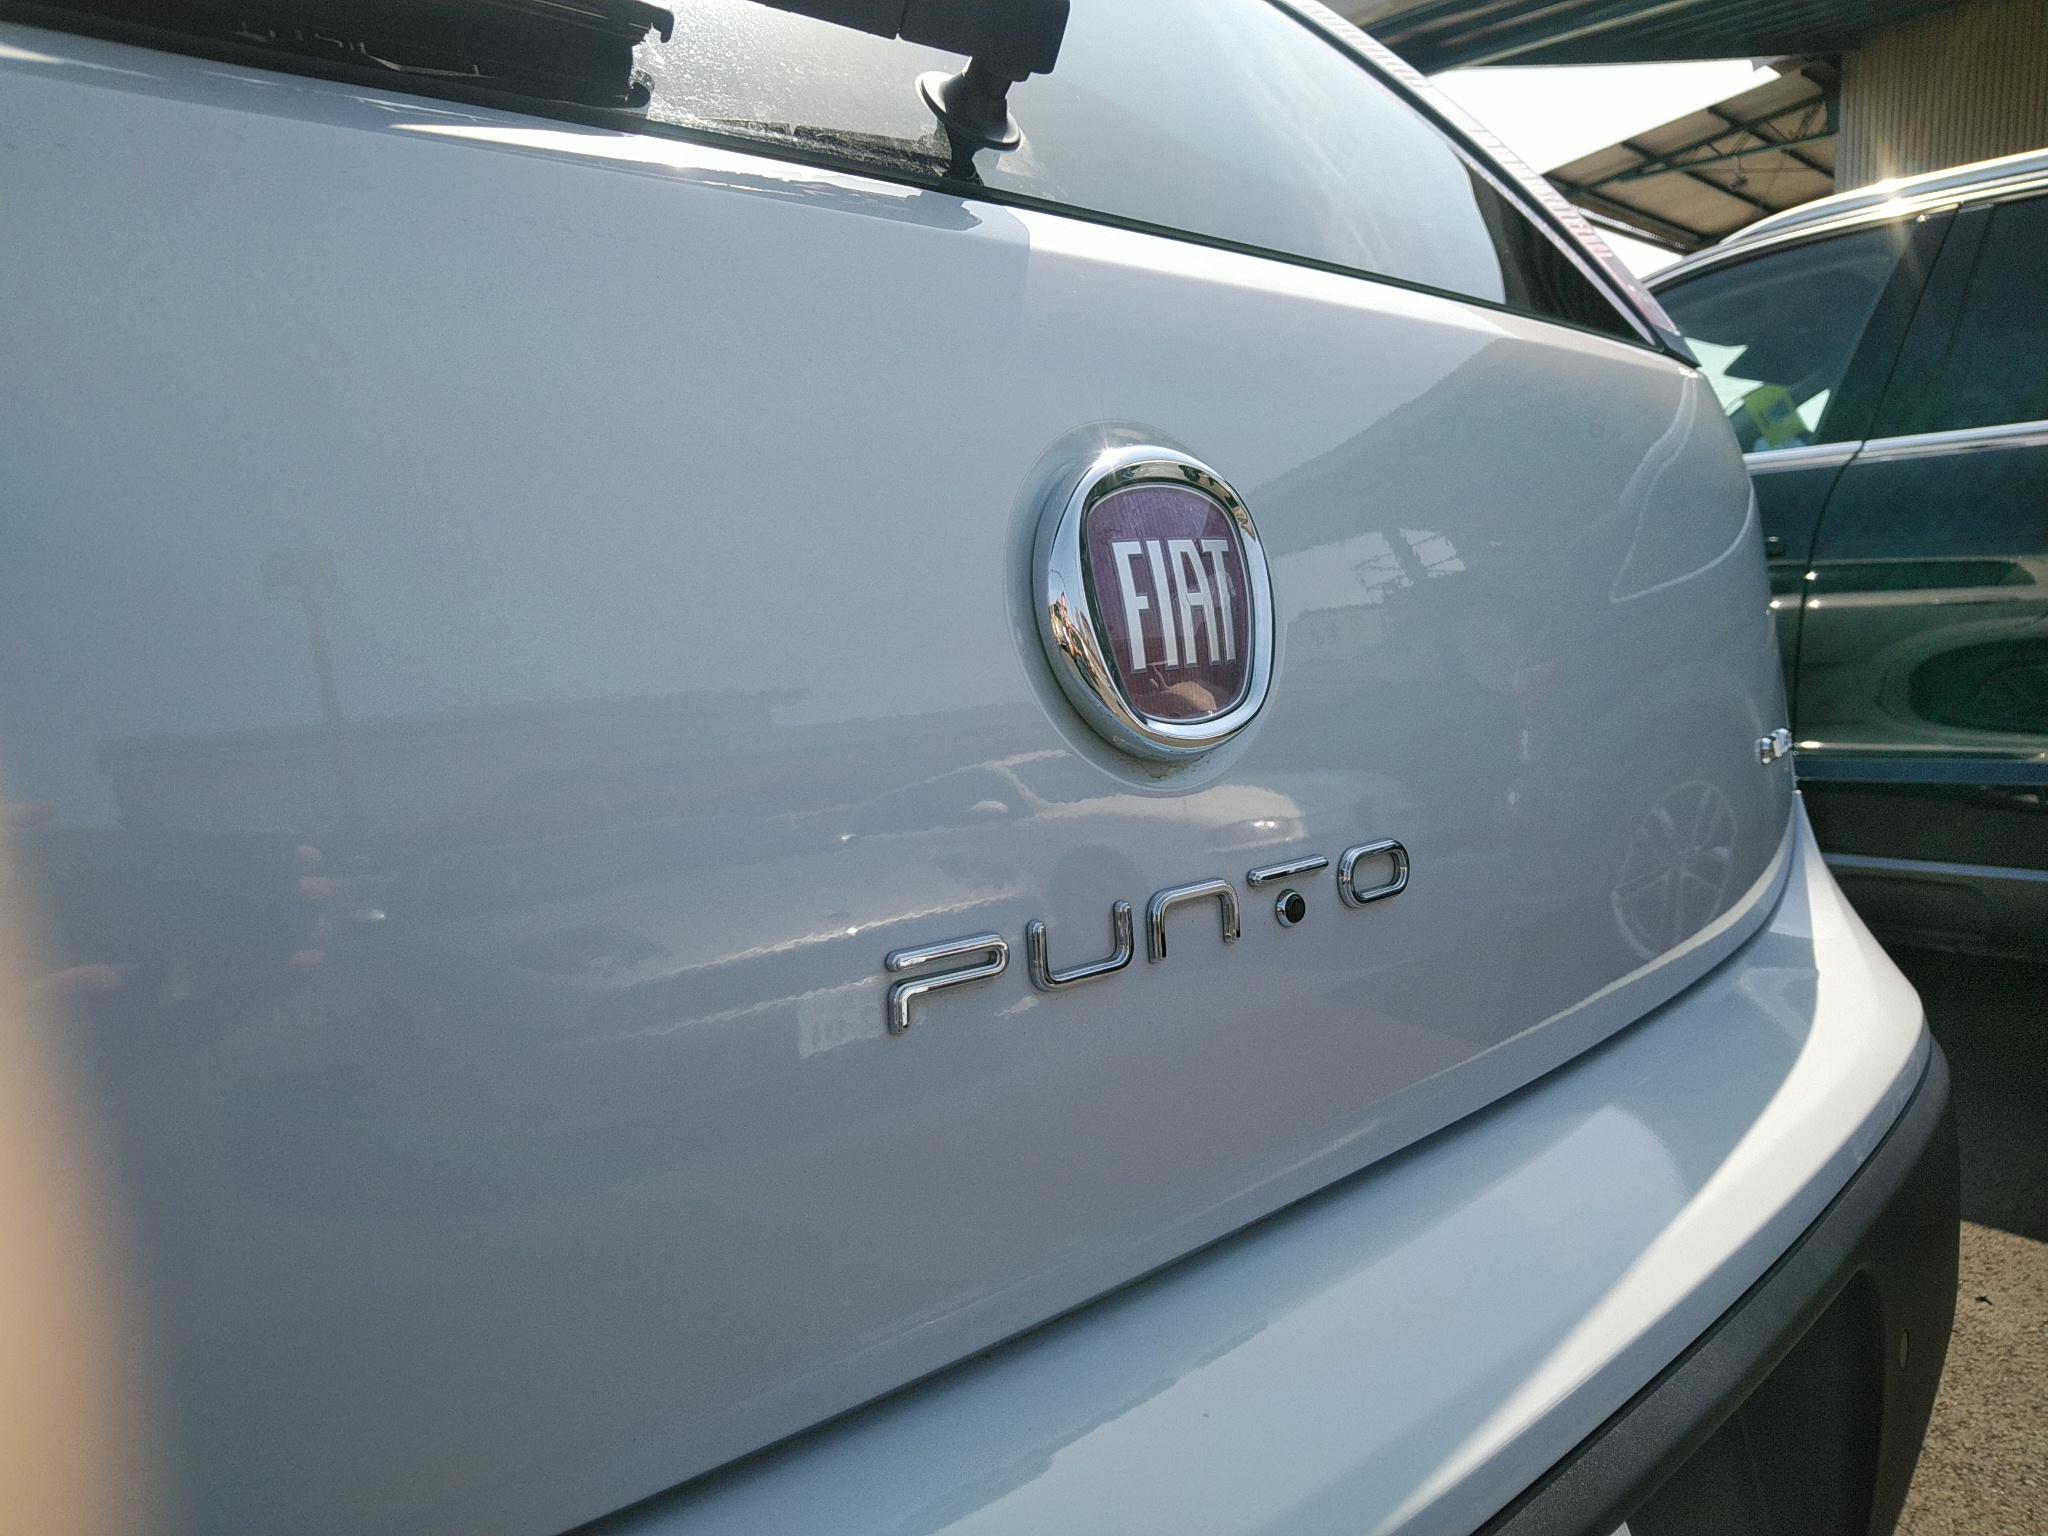 FIAT グランデプント デュアロジックエラー | 輸入車の車検整備 増高